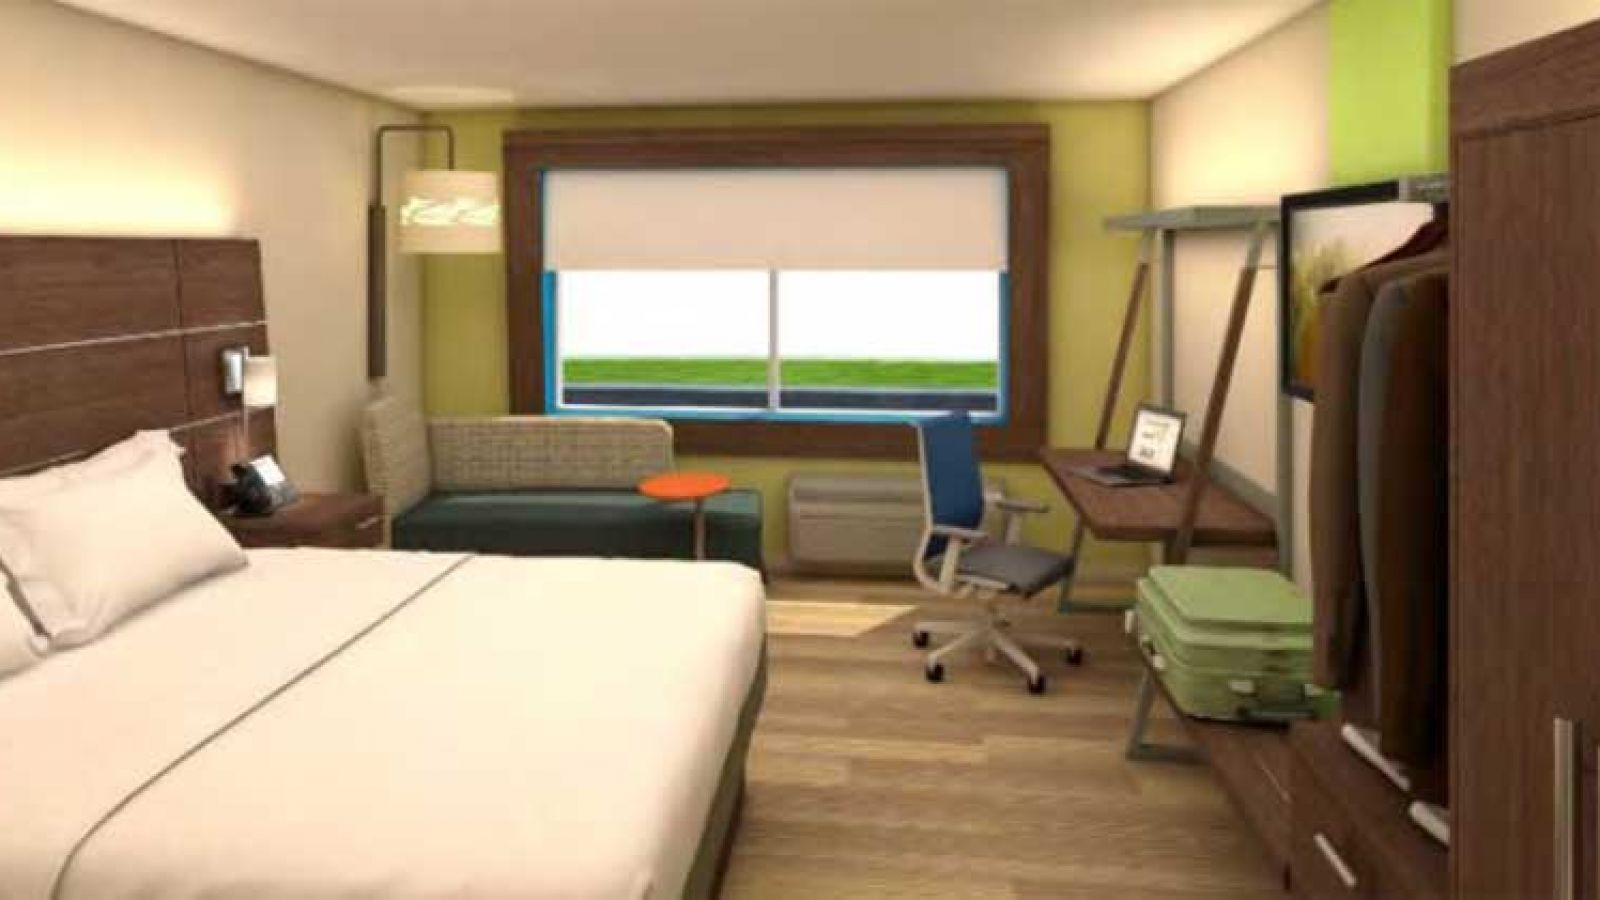 New Holiday Inn Express Kelowna - standard room